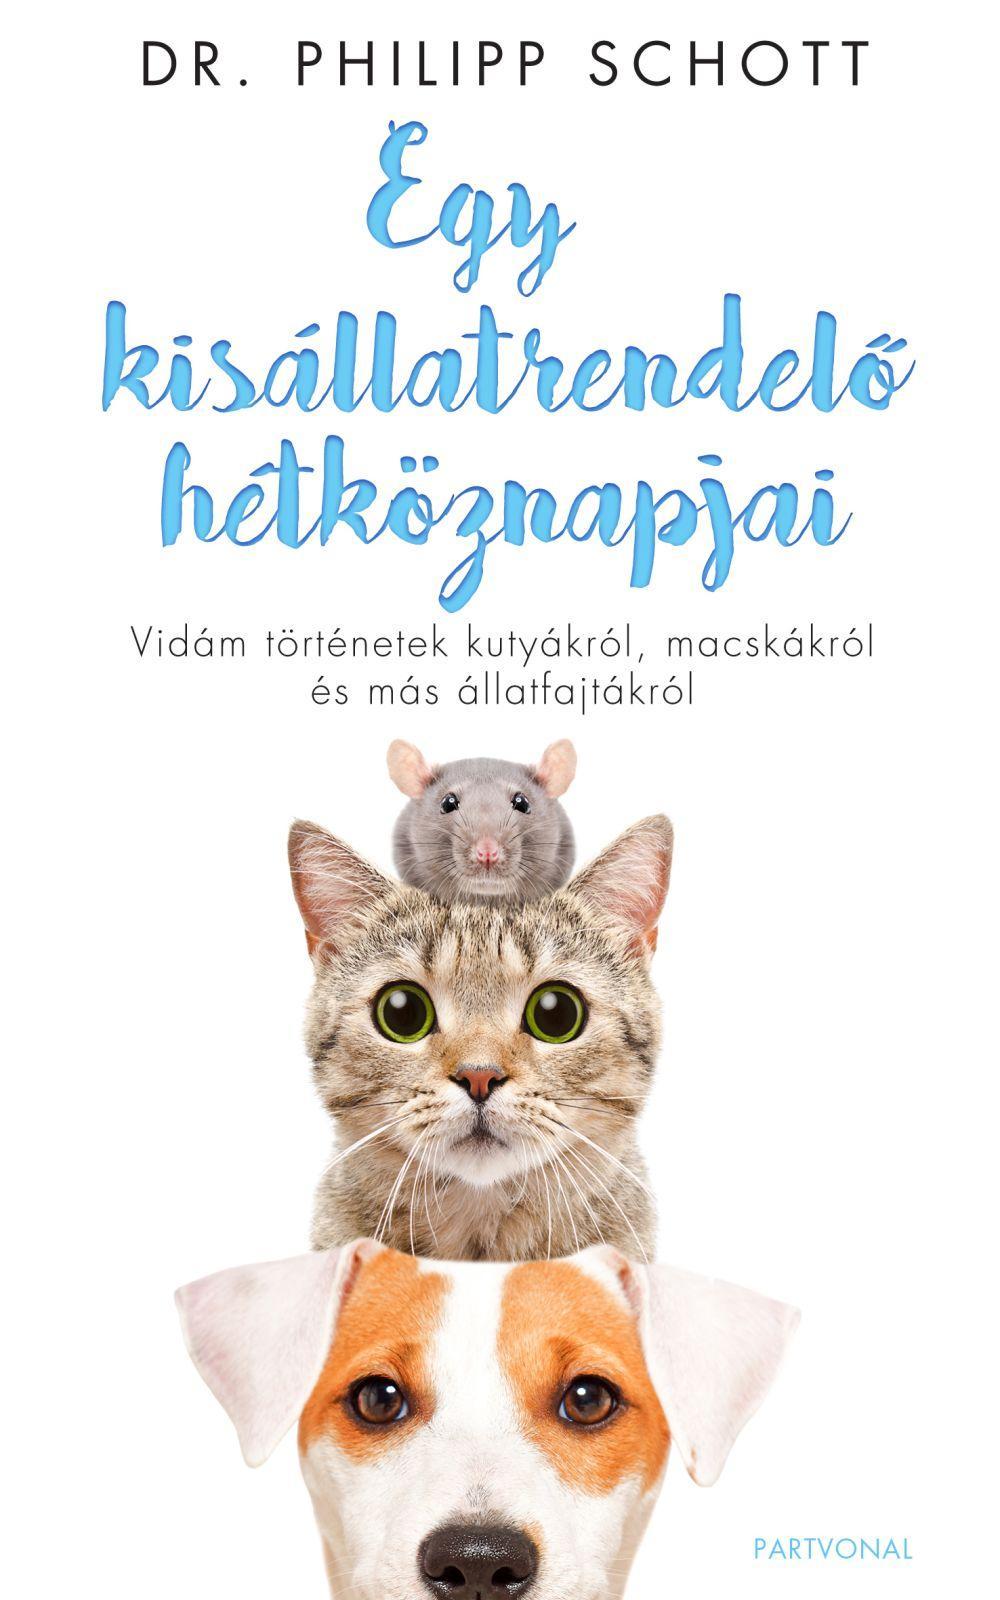 Dr. Philipp Schott - Egy kisállatrendelő hétköznapjai - Vidám történetek kutyákról, macskákról és más állatfajtákról